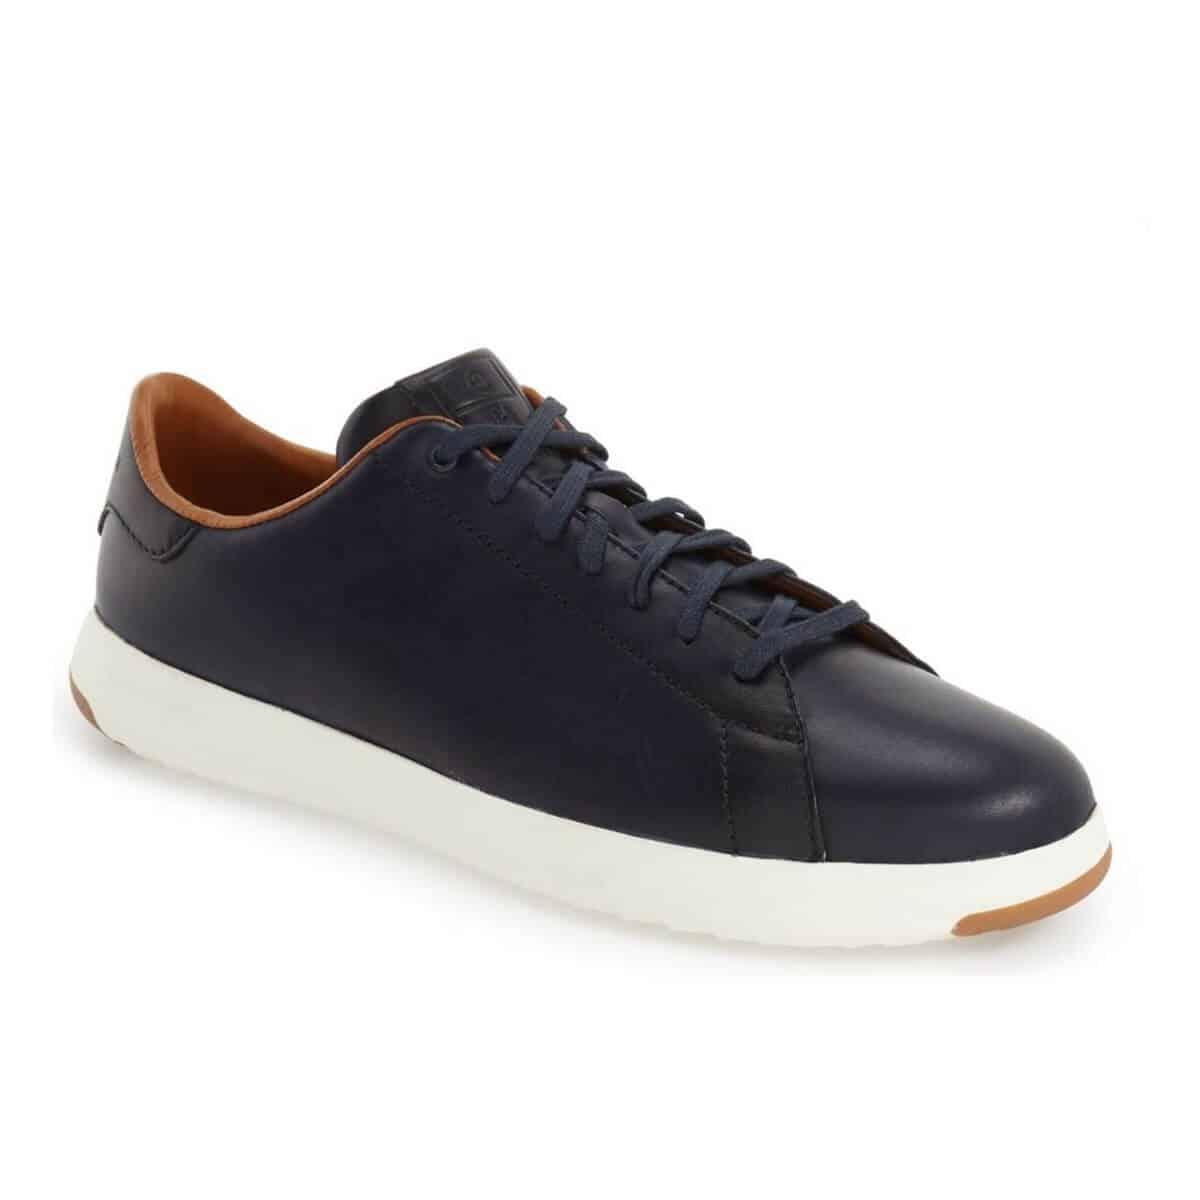 Cole Haan low-top navy blue sneakers.